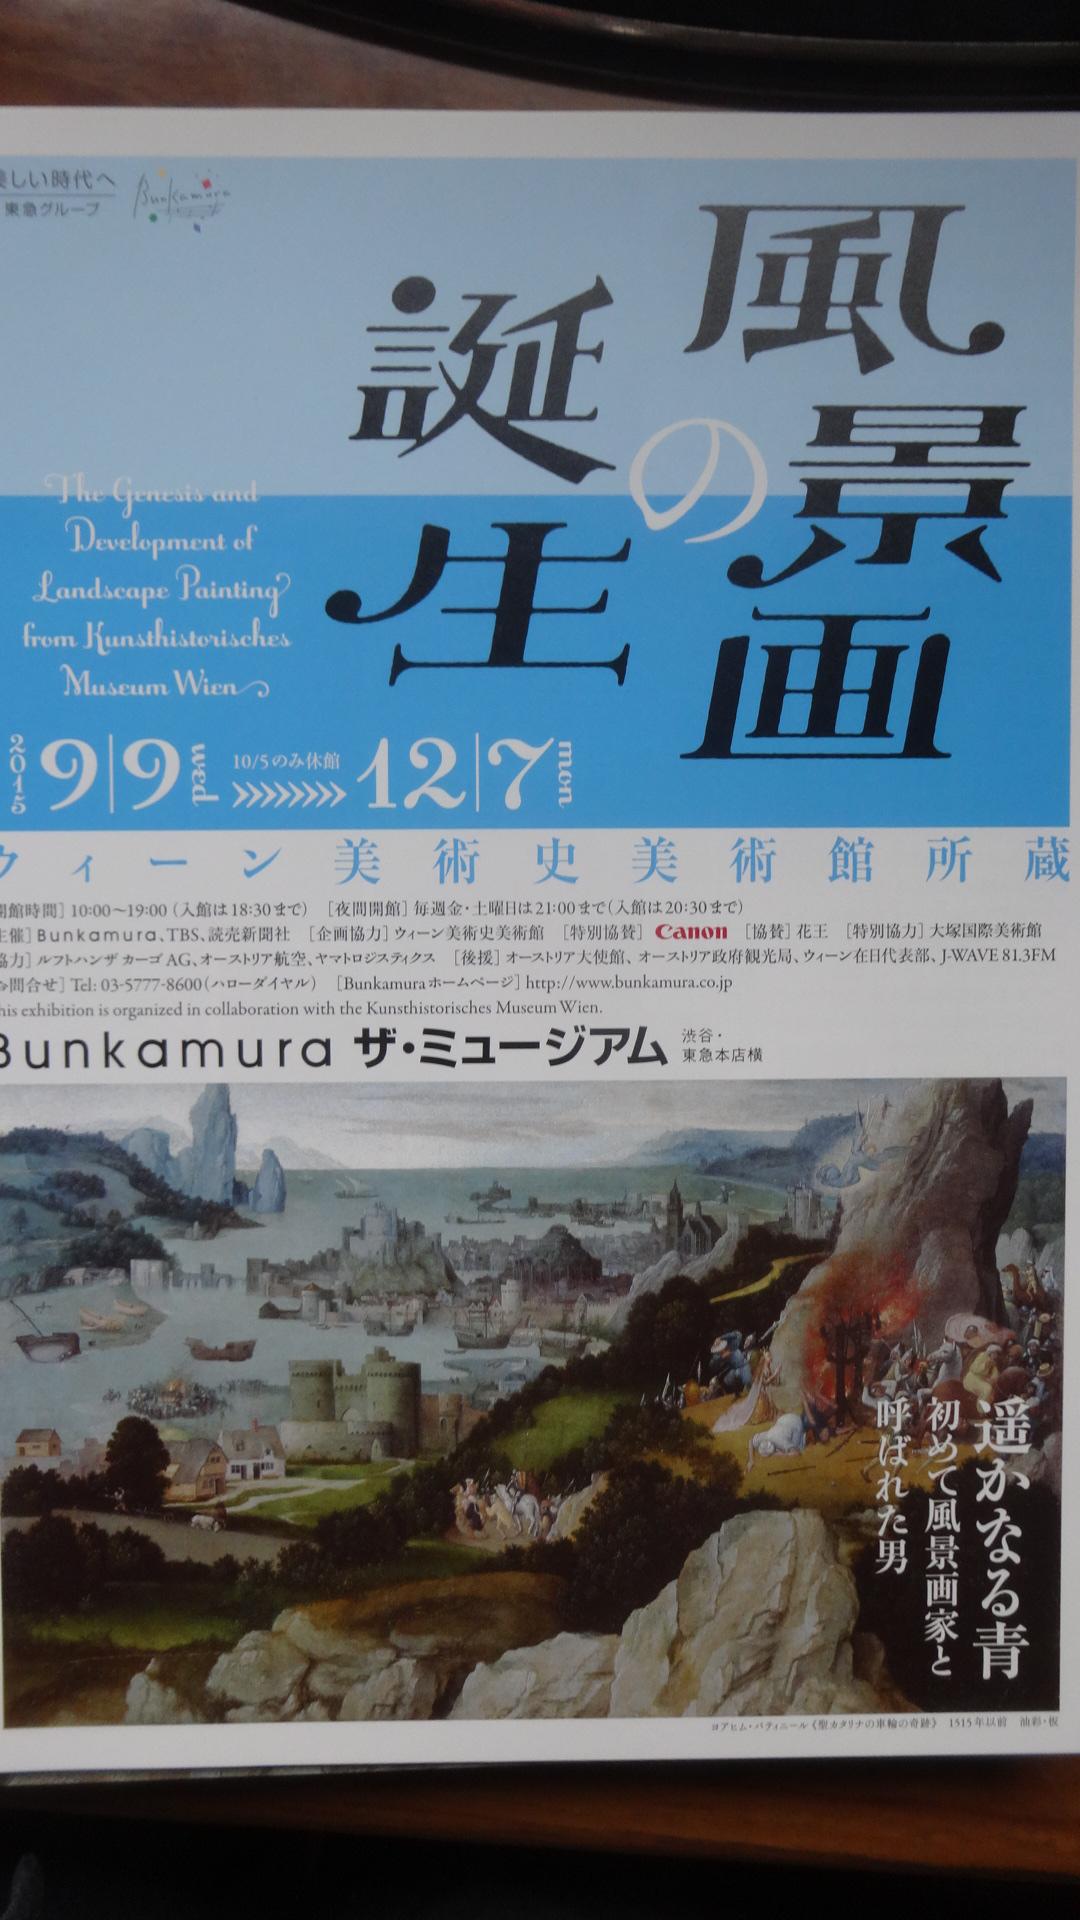 「風景画の誕生」展のポスター